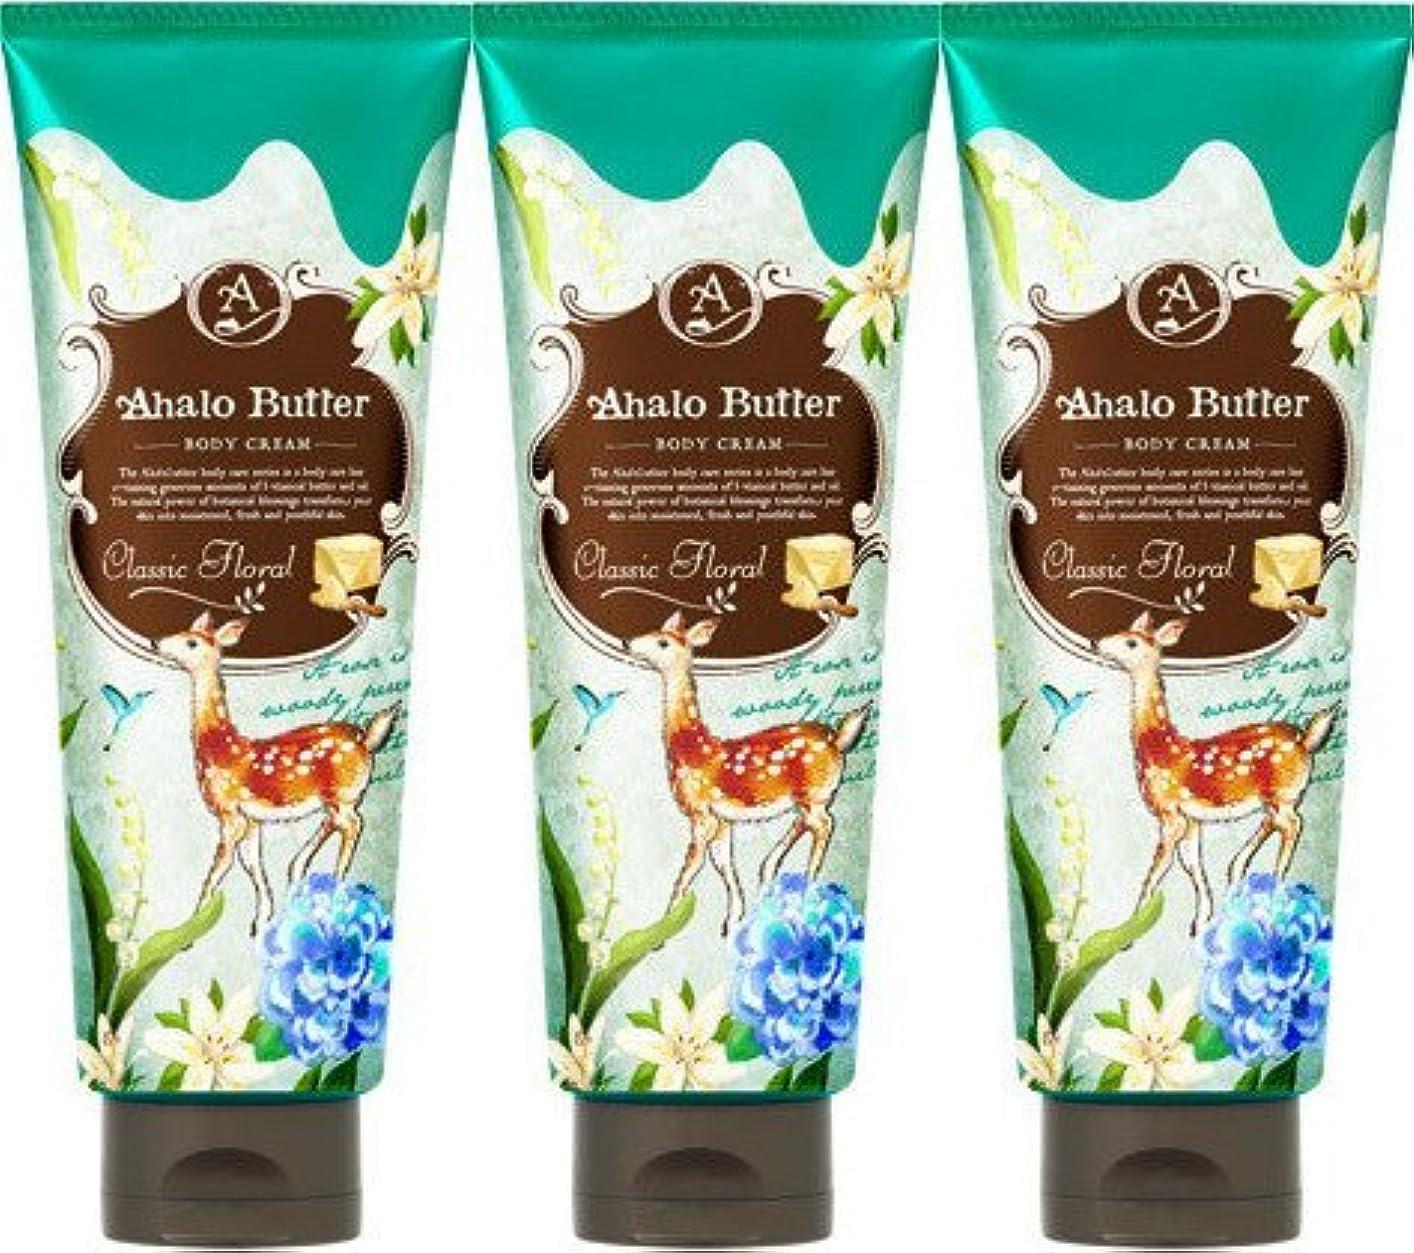 突撃進む動脈【3個セット】Ahalo butter(アハロバター) ボディクリーム クラシックフローラル 150g